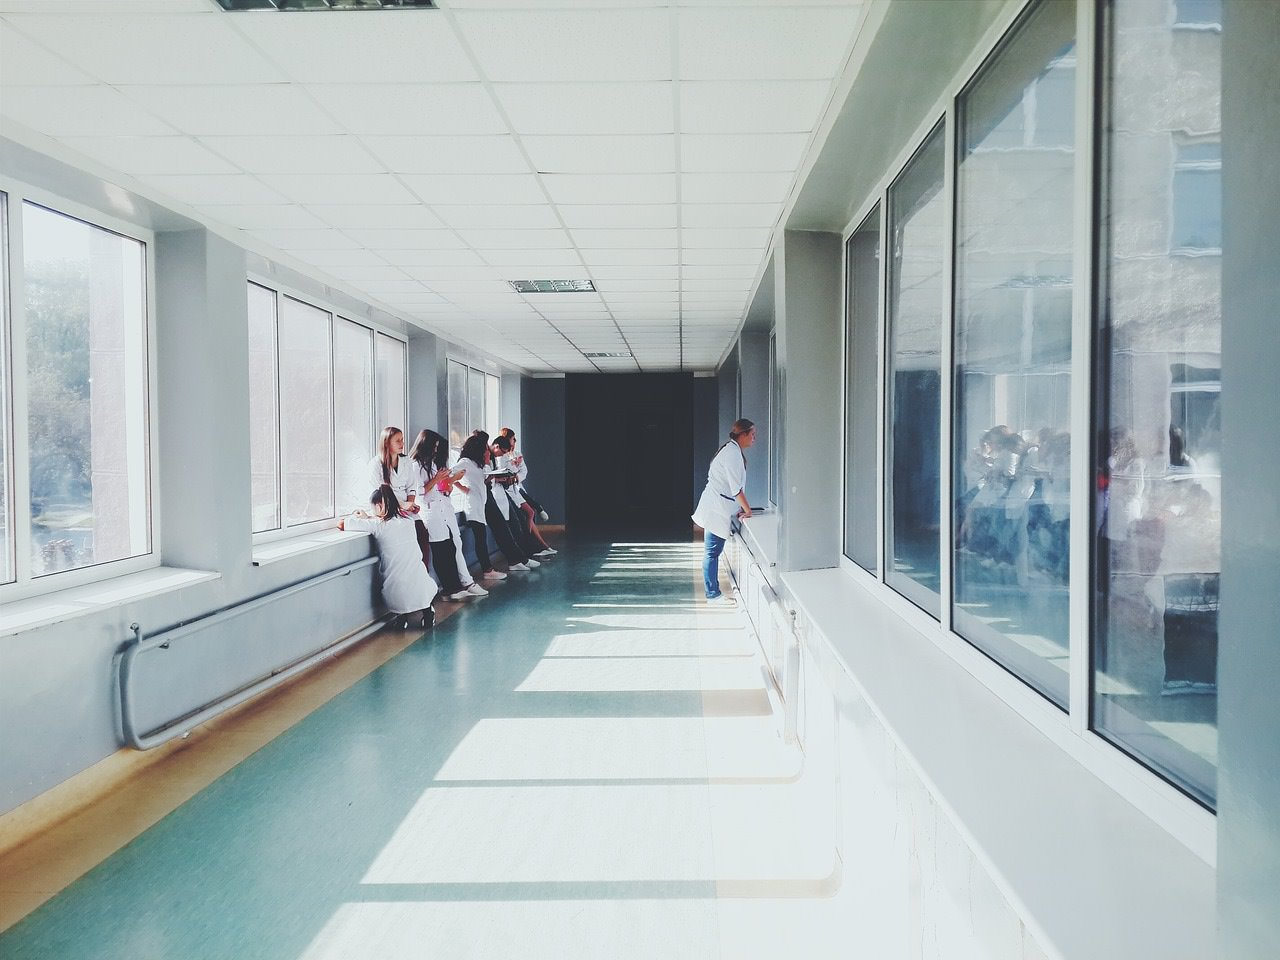 pediatria-2020-torino-cambiamento-entra-corsia-1561711539